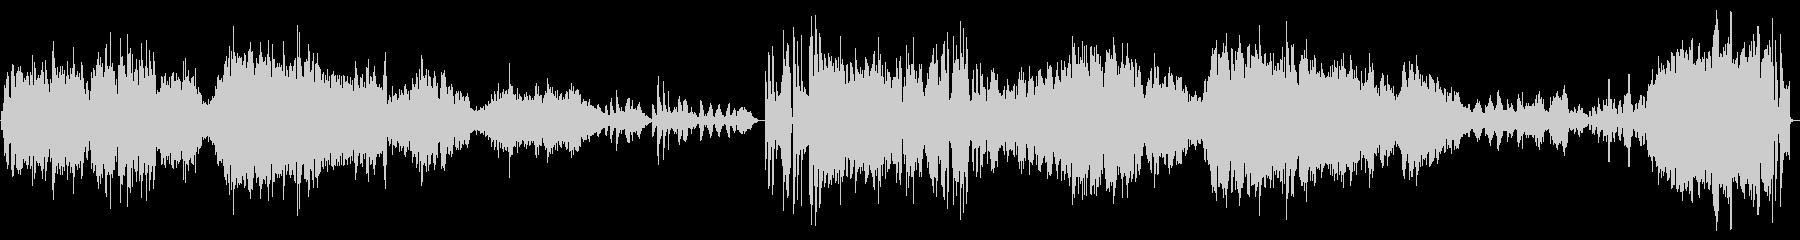 【生演奏】カッコいいバイオリンソナタ2章の未再生の波形